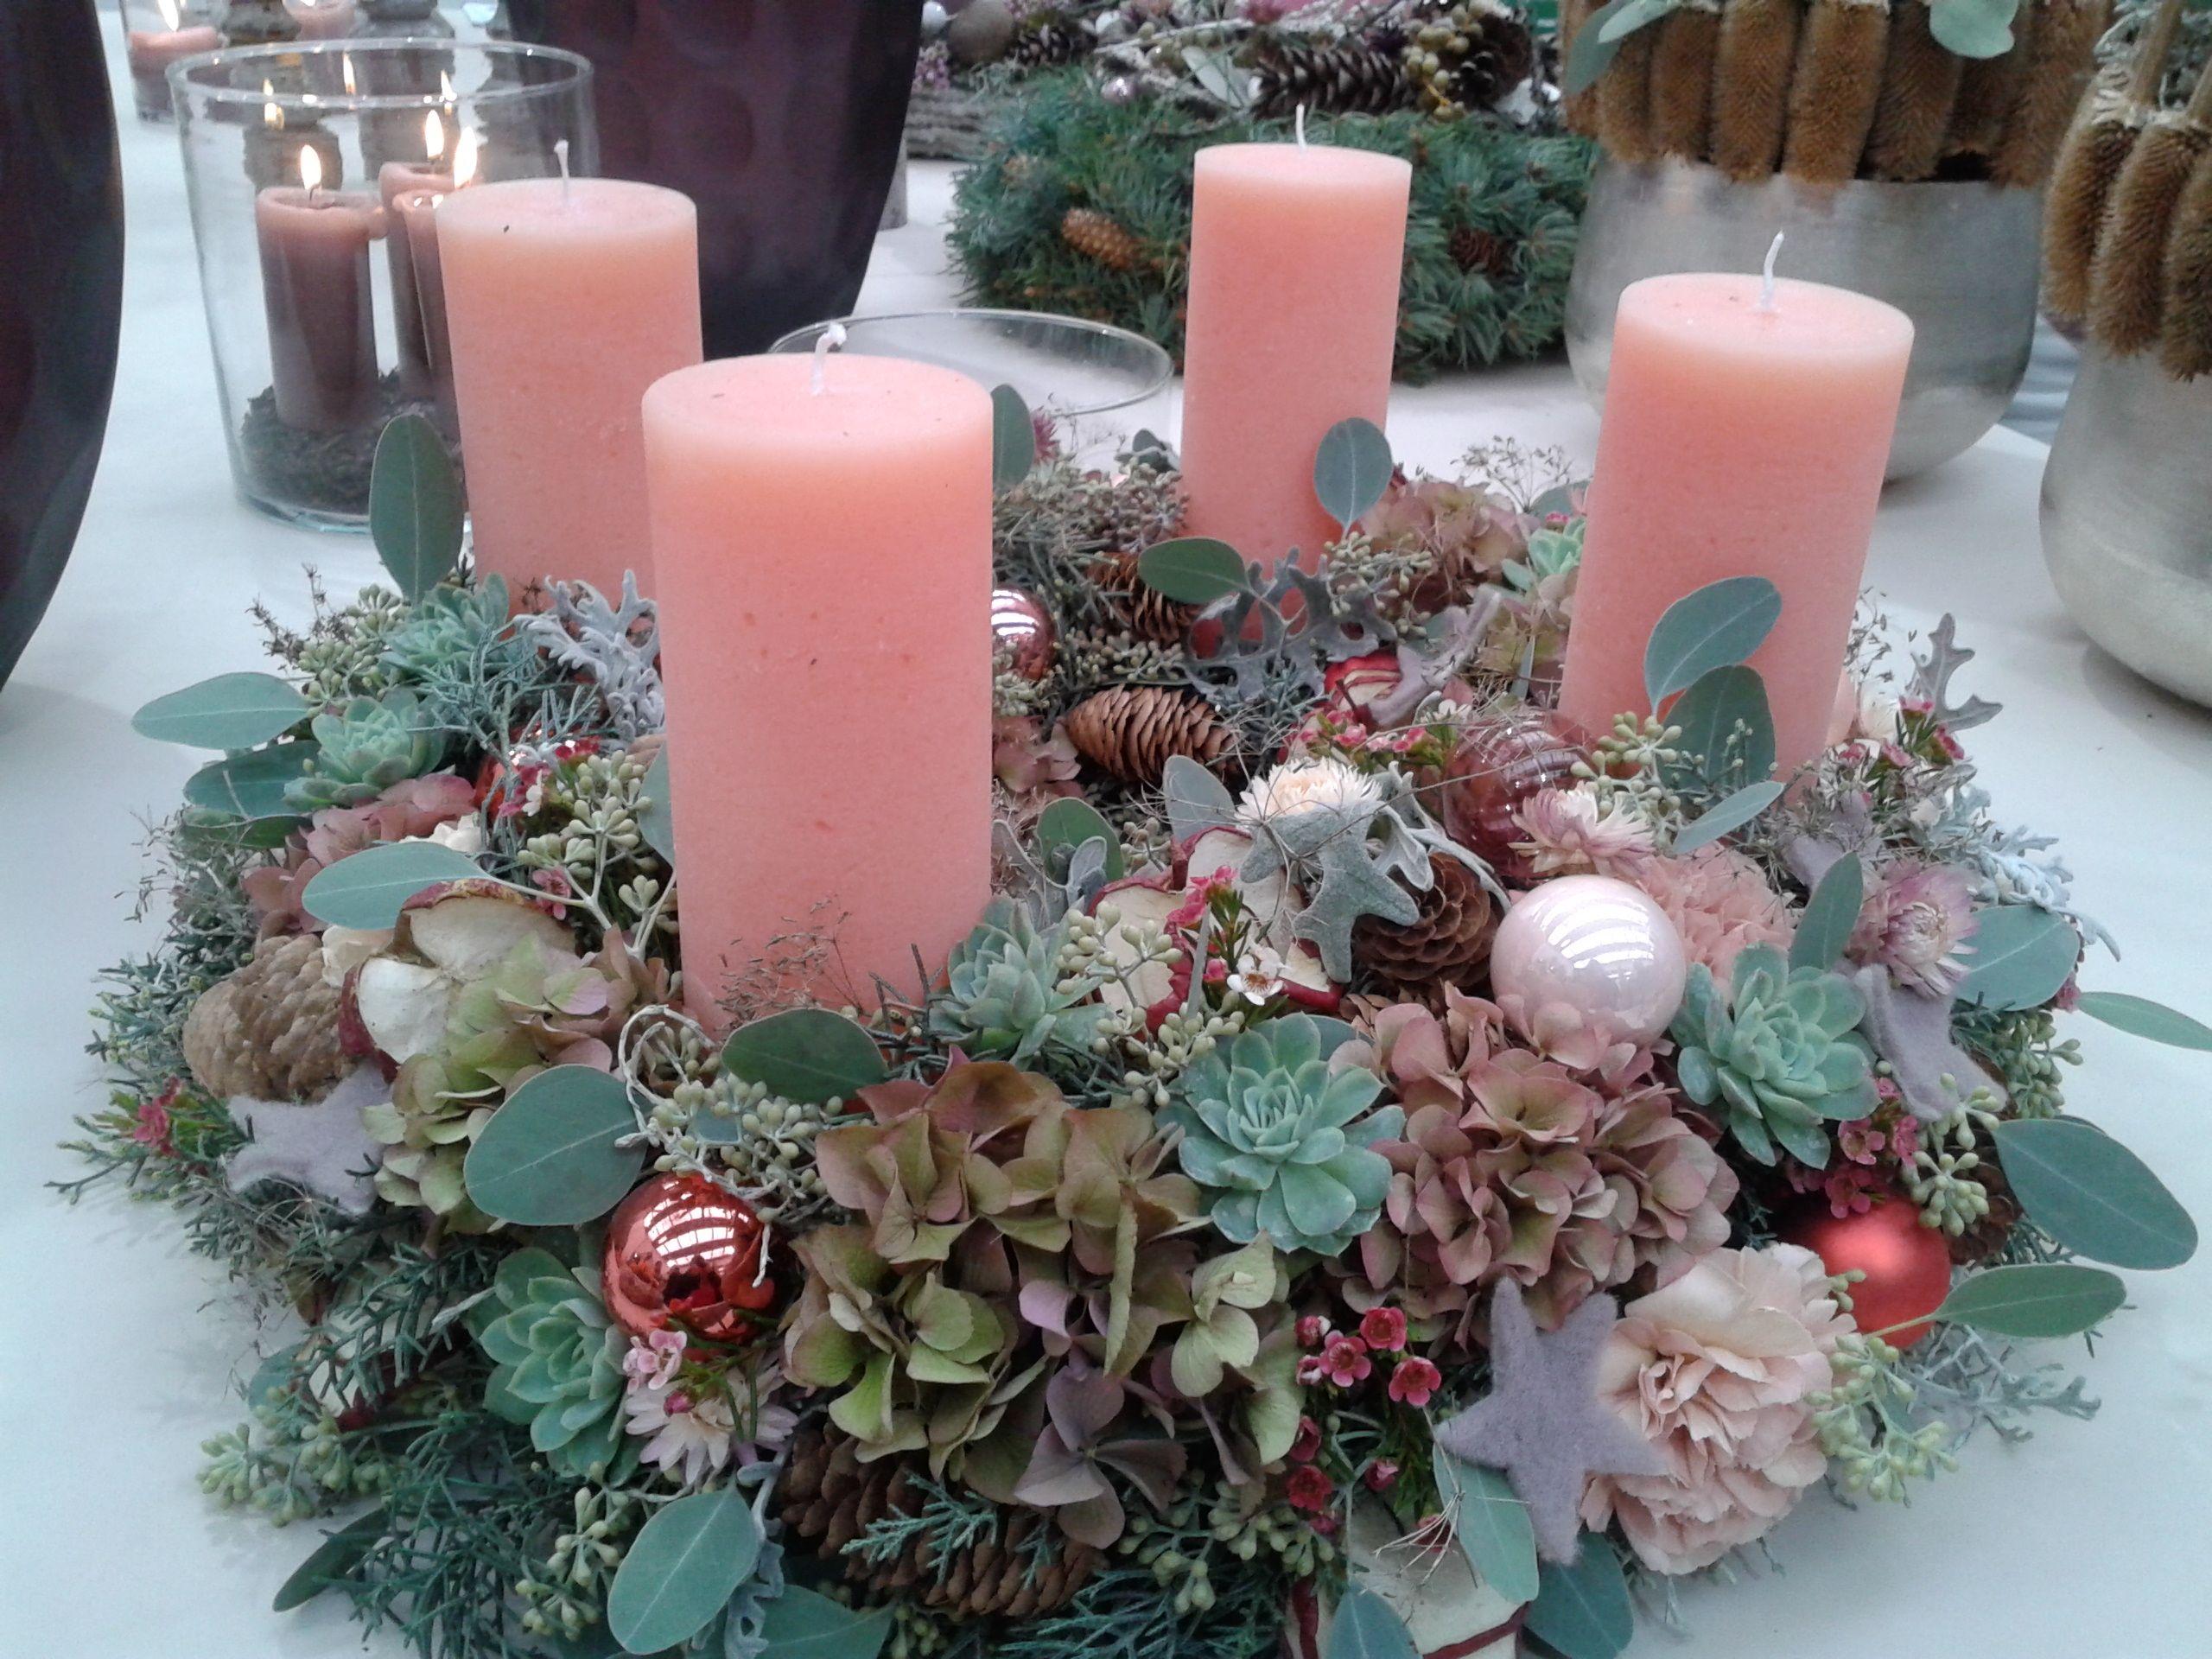 Adventkranz winter christmas advent weihnachten viktorianische weihnachten a deko weihnachten - Dekorationsideen weihnachten ...